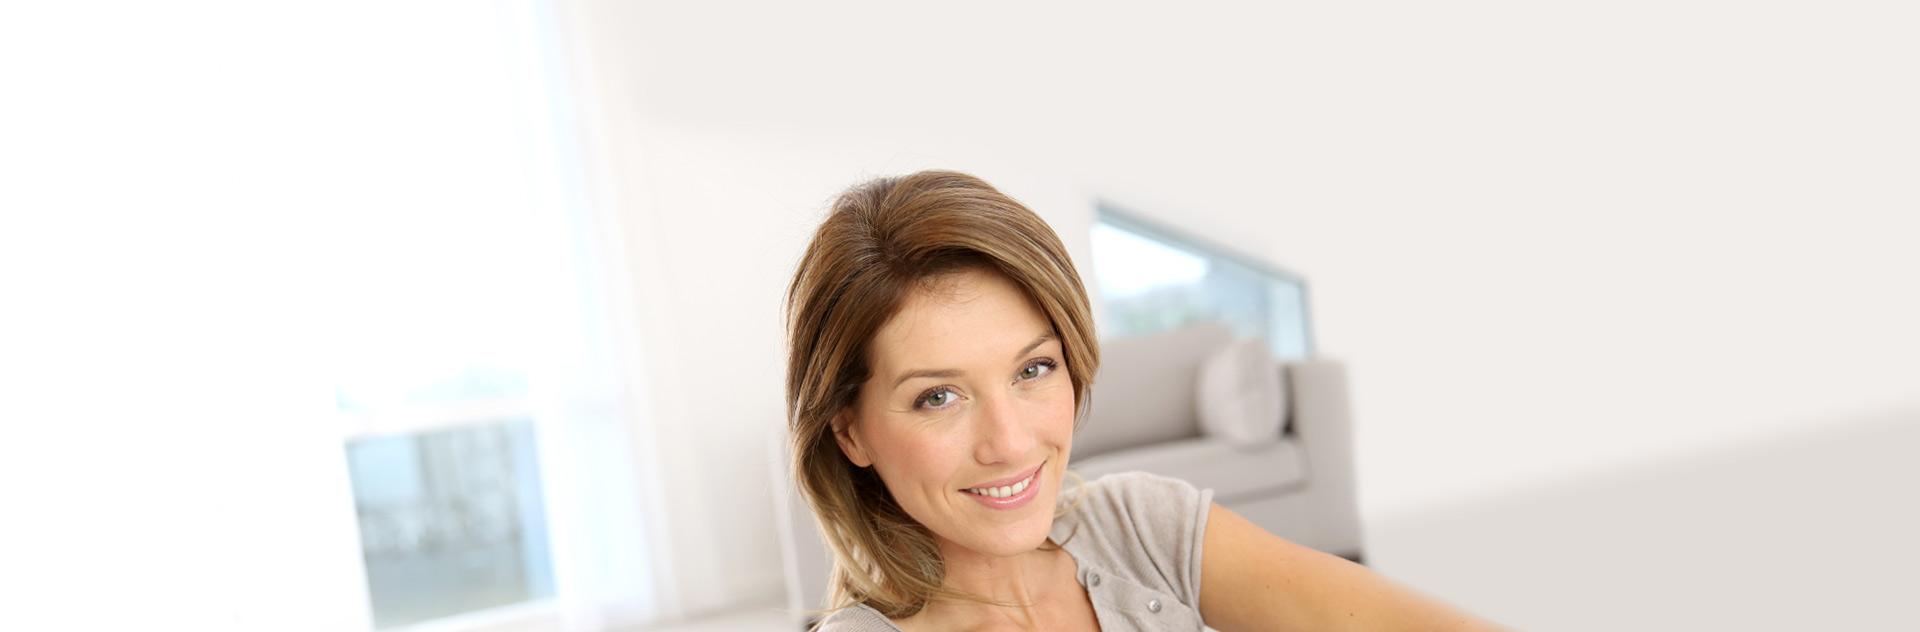 Imagen de mujer con bonitas cejas, que pueden ser el resultado de un maquillaje de cejas semi-permanente